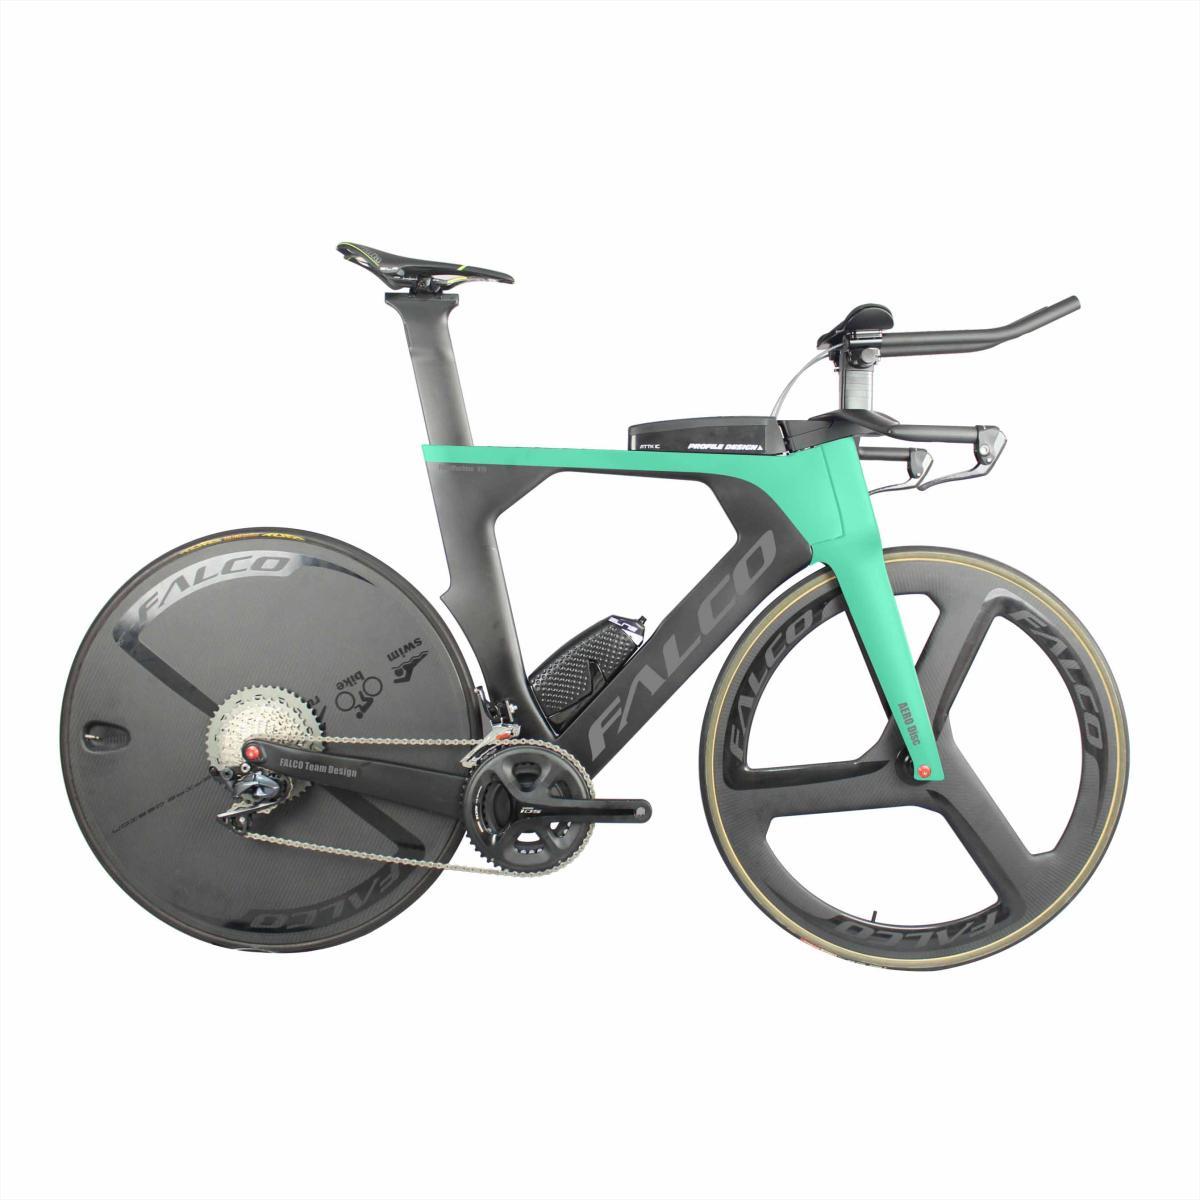 xe đạp Cơ cấu kết châ châ châ carbon FALCO Đường D915. Brake nổ ba vòng lưới, bẫy, sẵn sàng, sẵn sàn